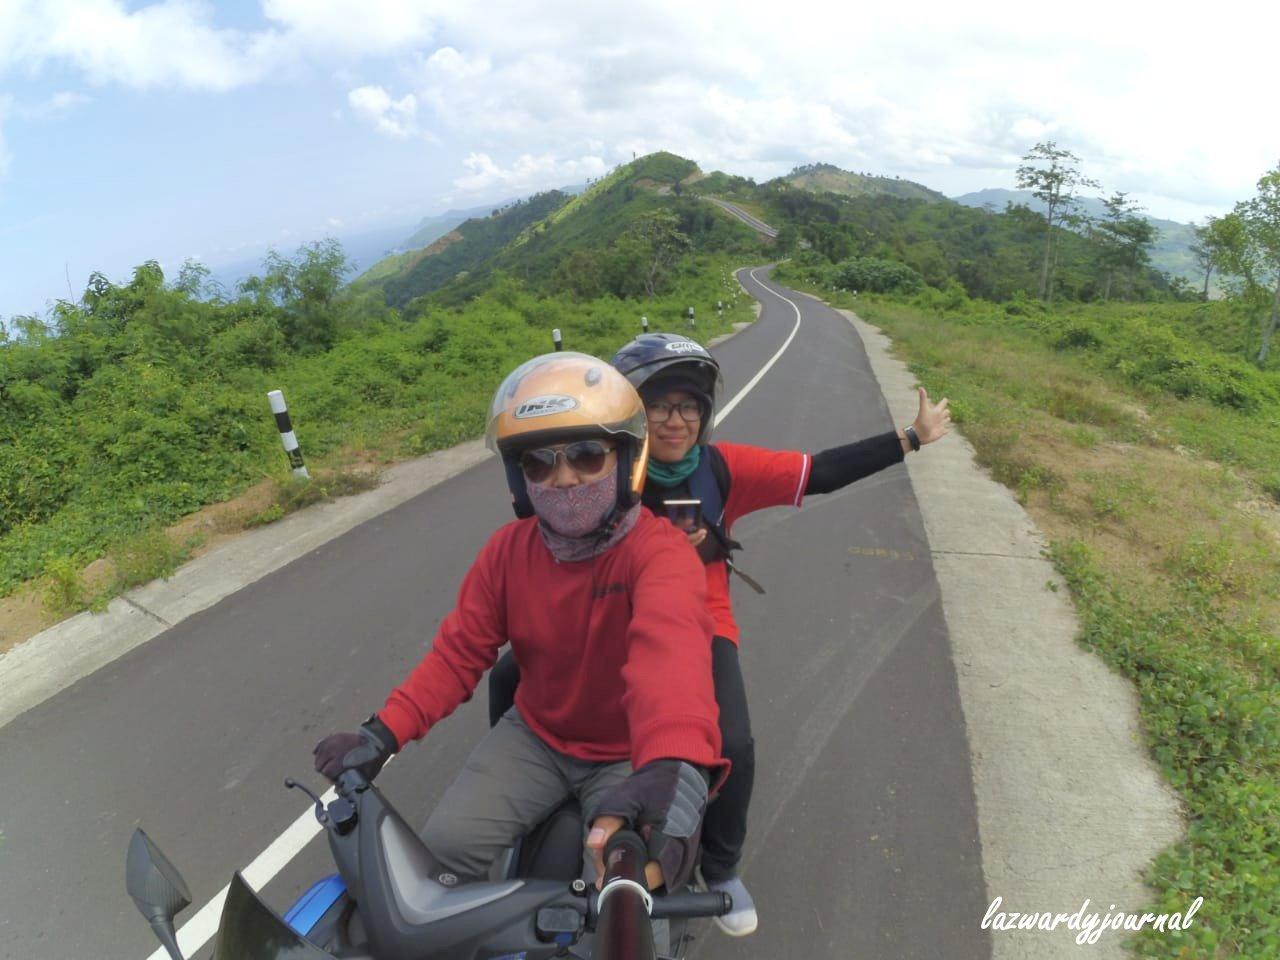 Lazwardy Journal Touring 9 Jam Keliling Sekotong Lombok Barat